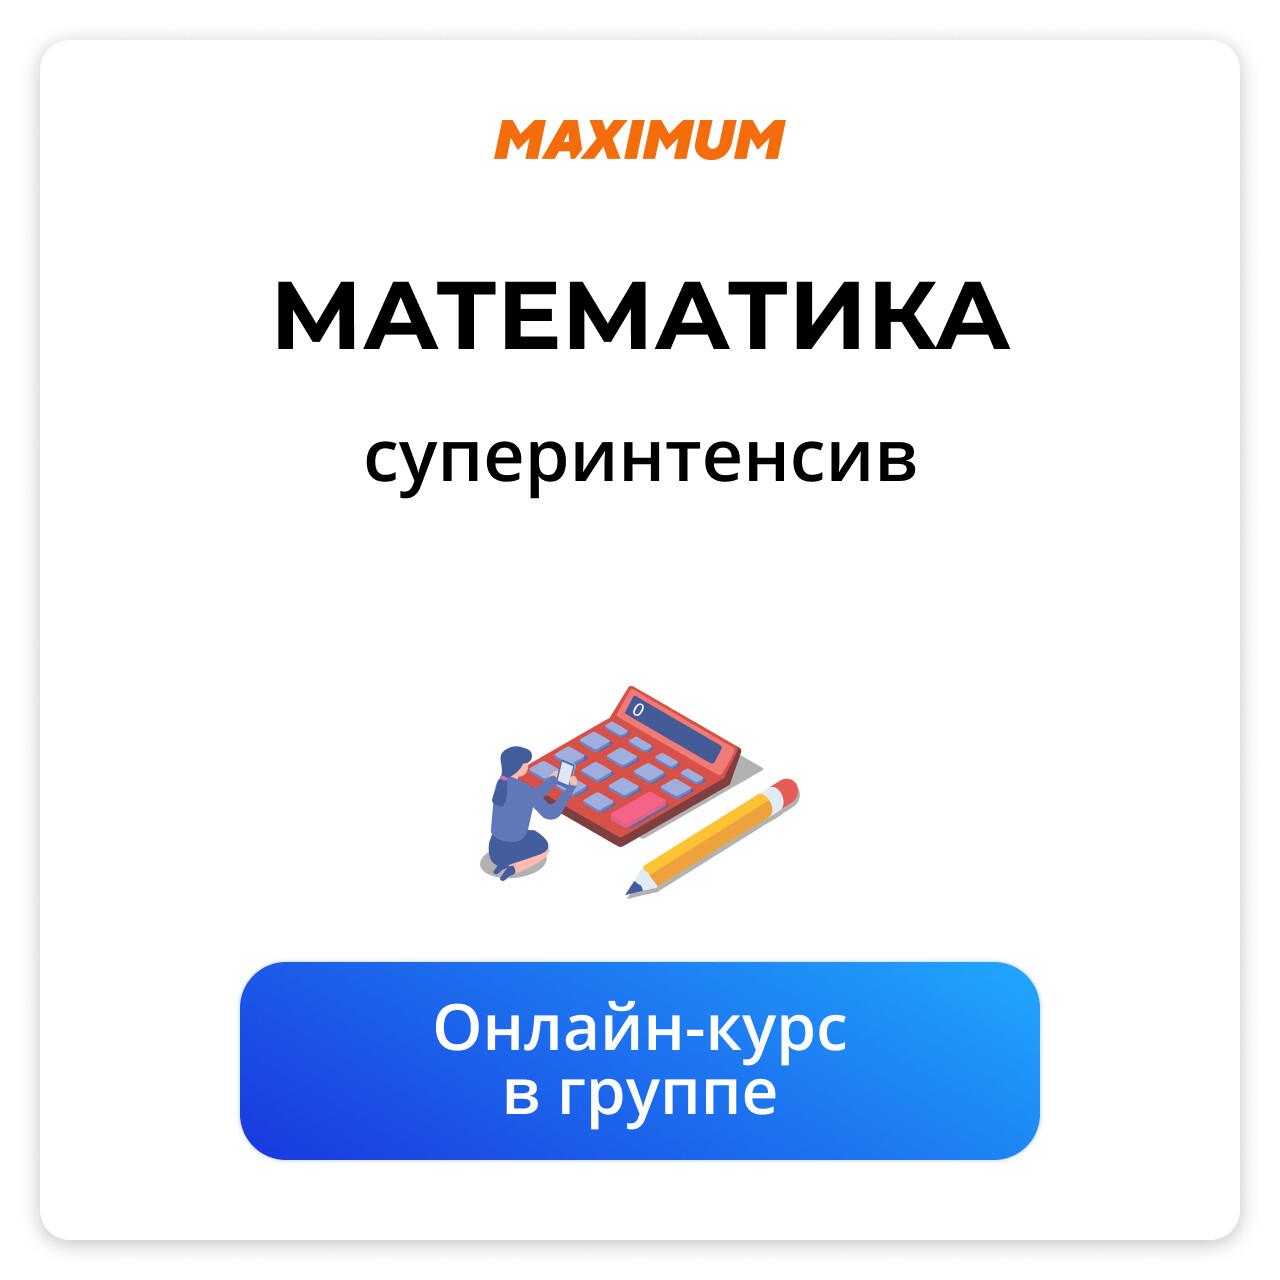 Математика ЕГЭ (Профильный уровень)